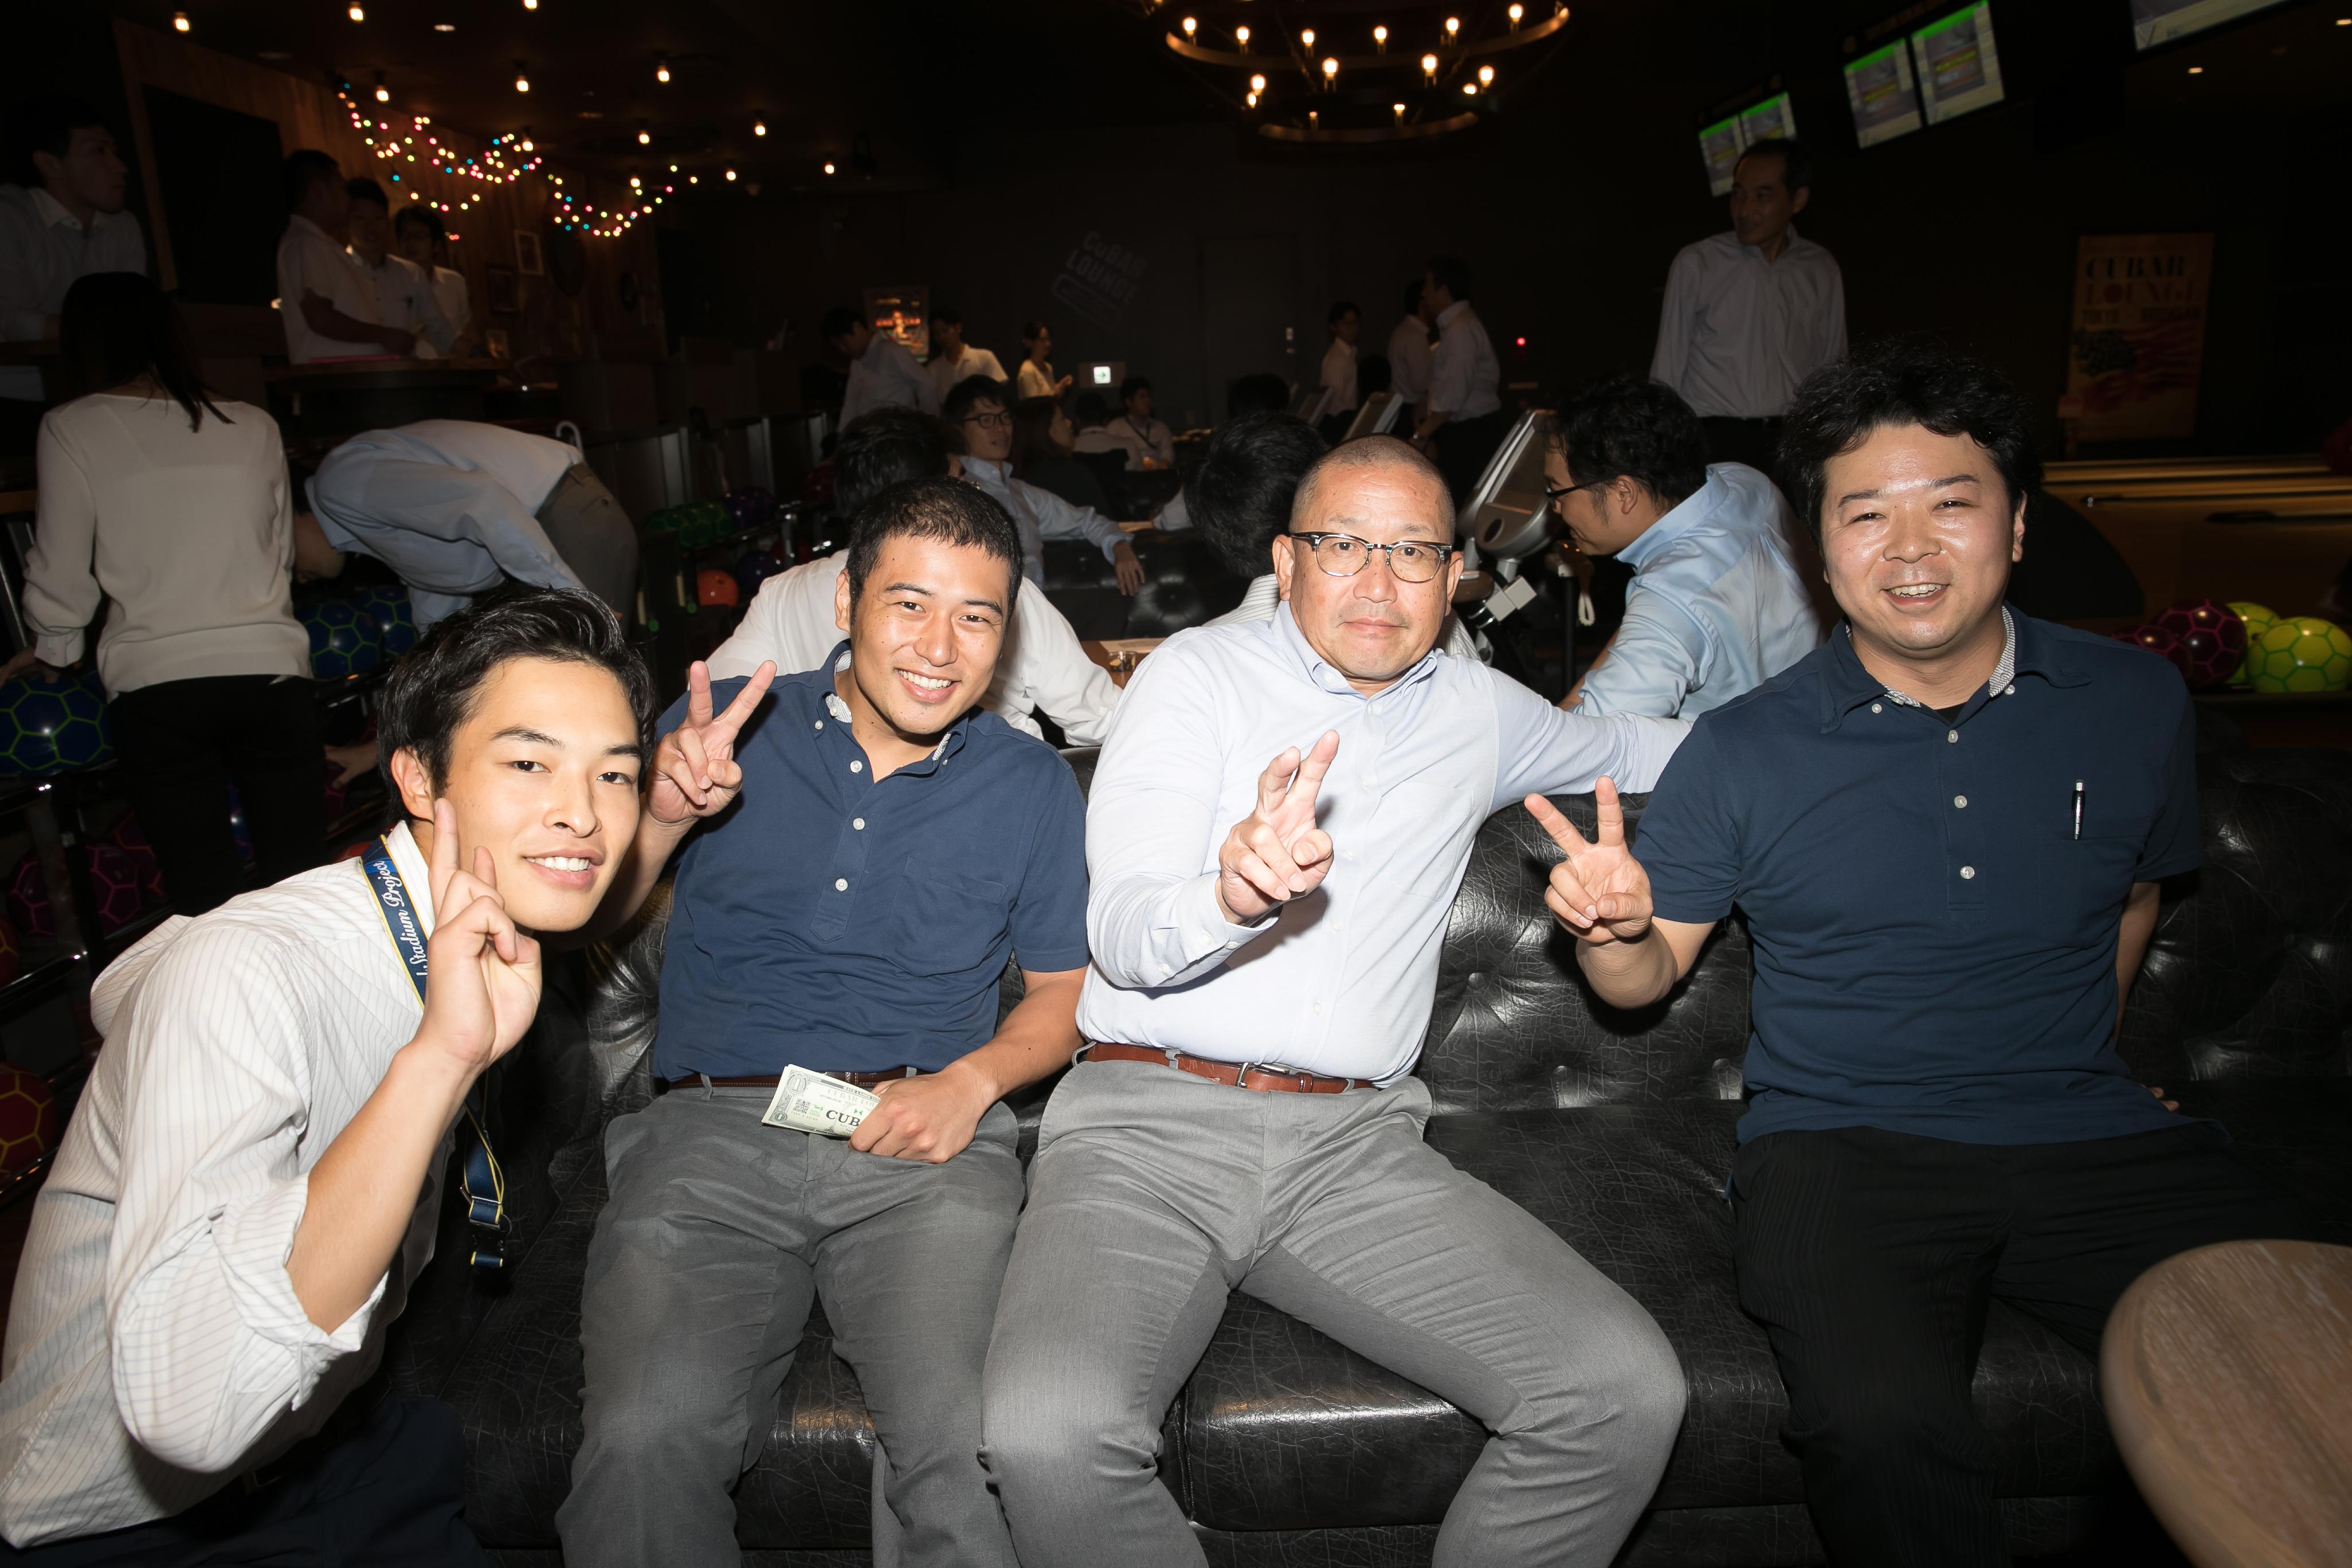 ボウリング大会 東京ドームボウリングセンター 2018年09月21日